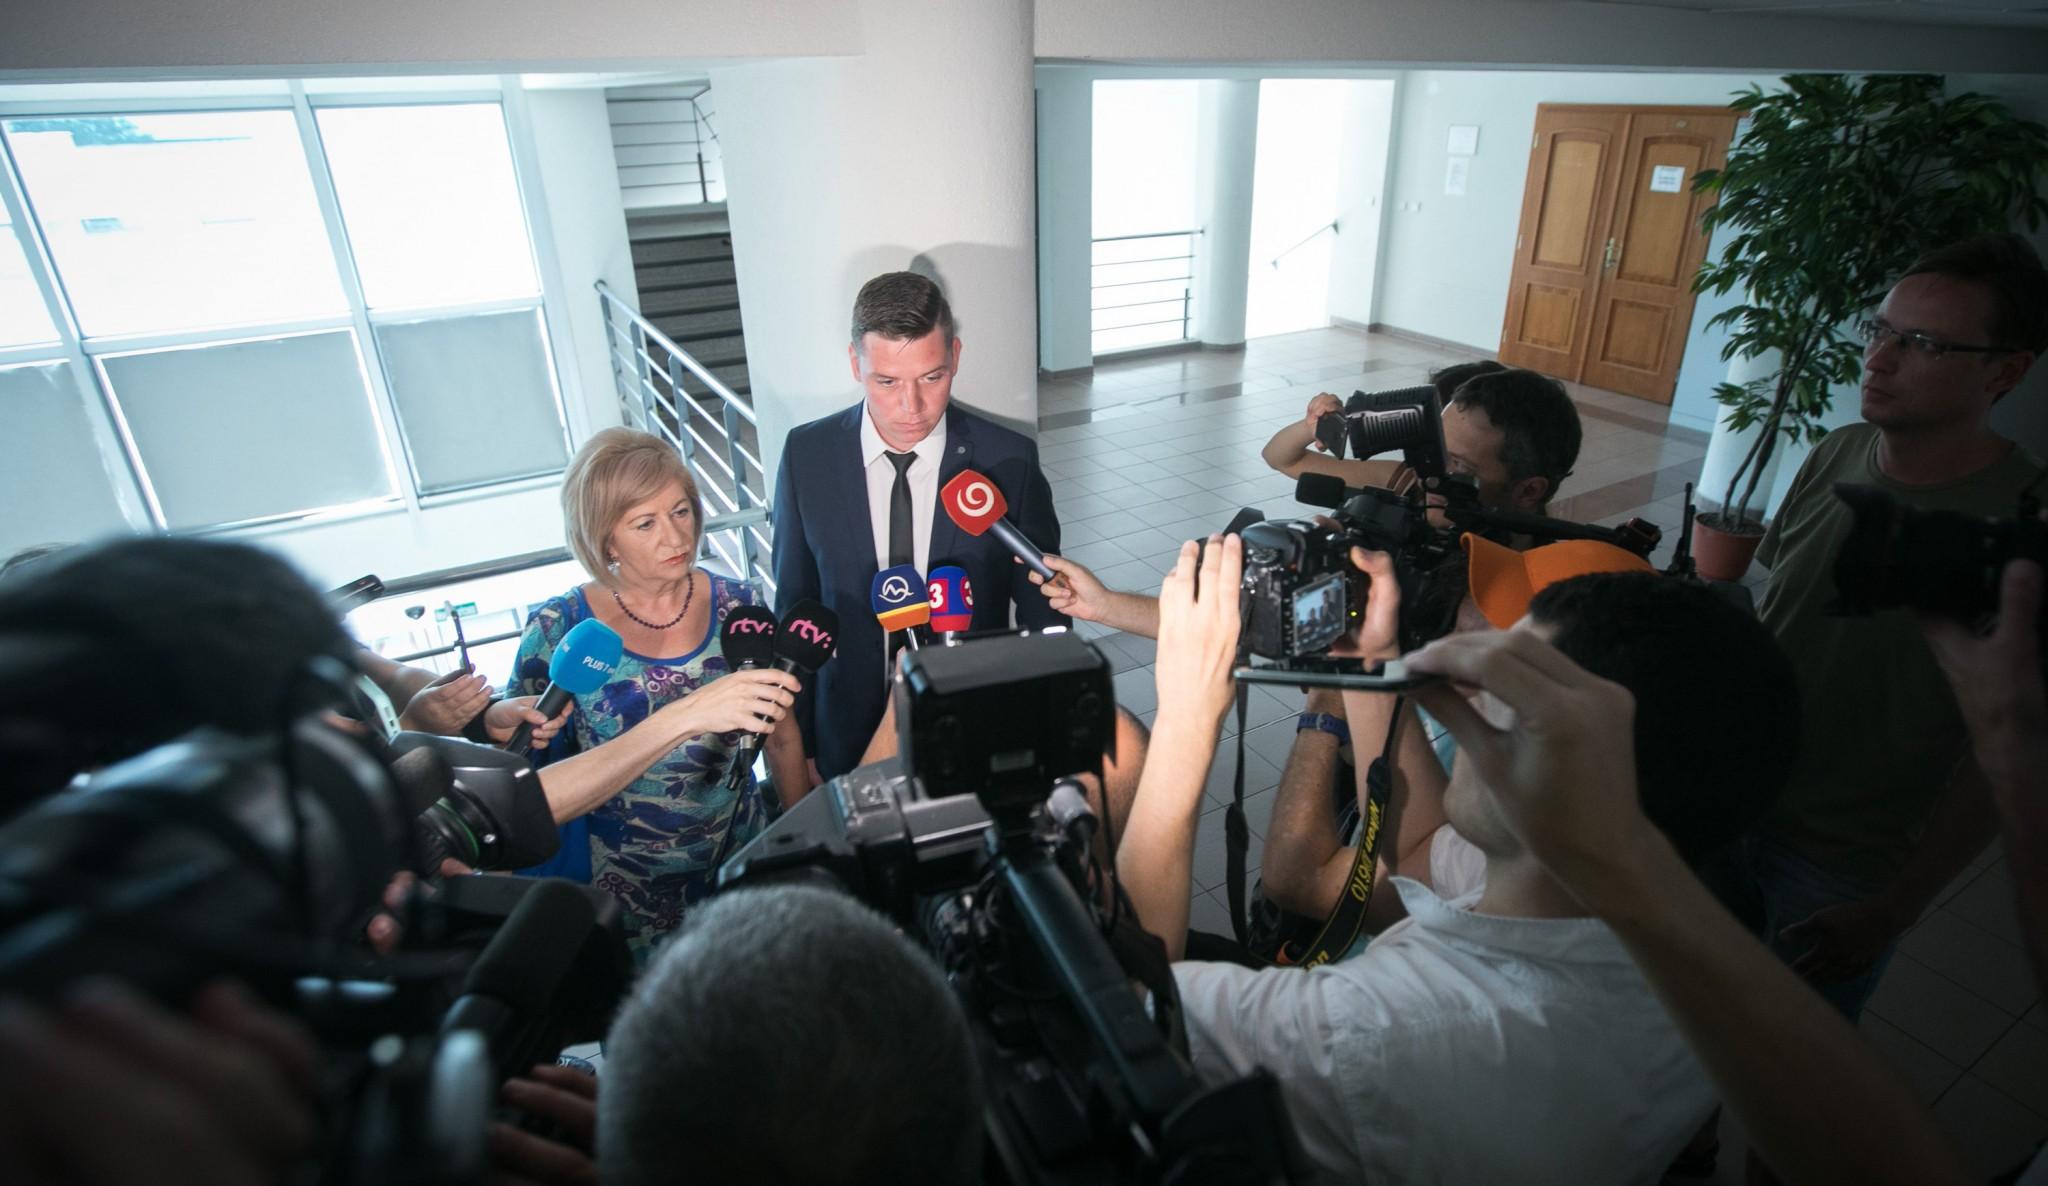 Kauza bankových údajov Roberta Kaliňáka je opäť pred súdom